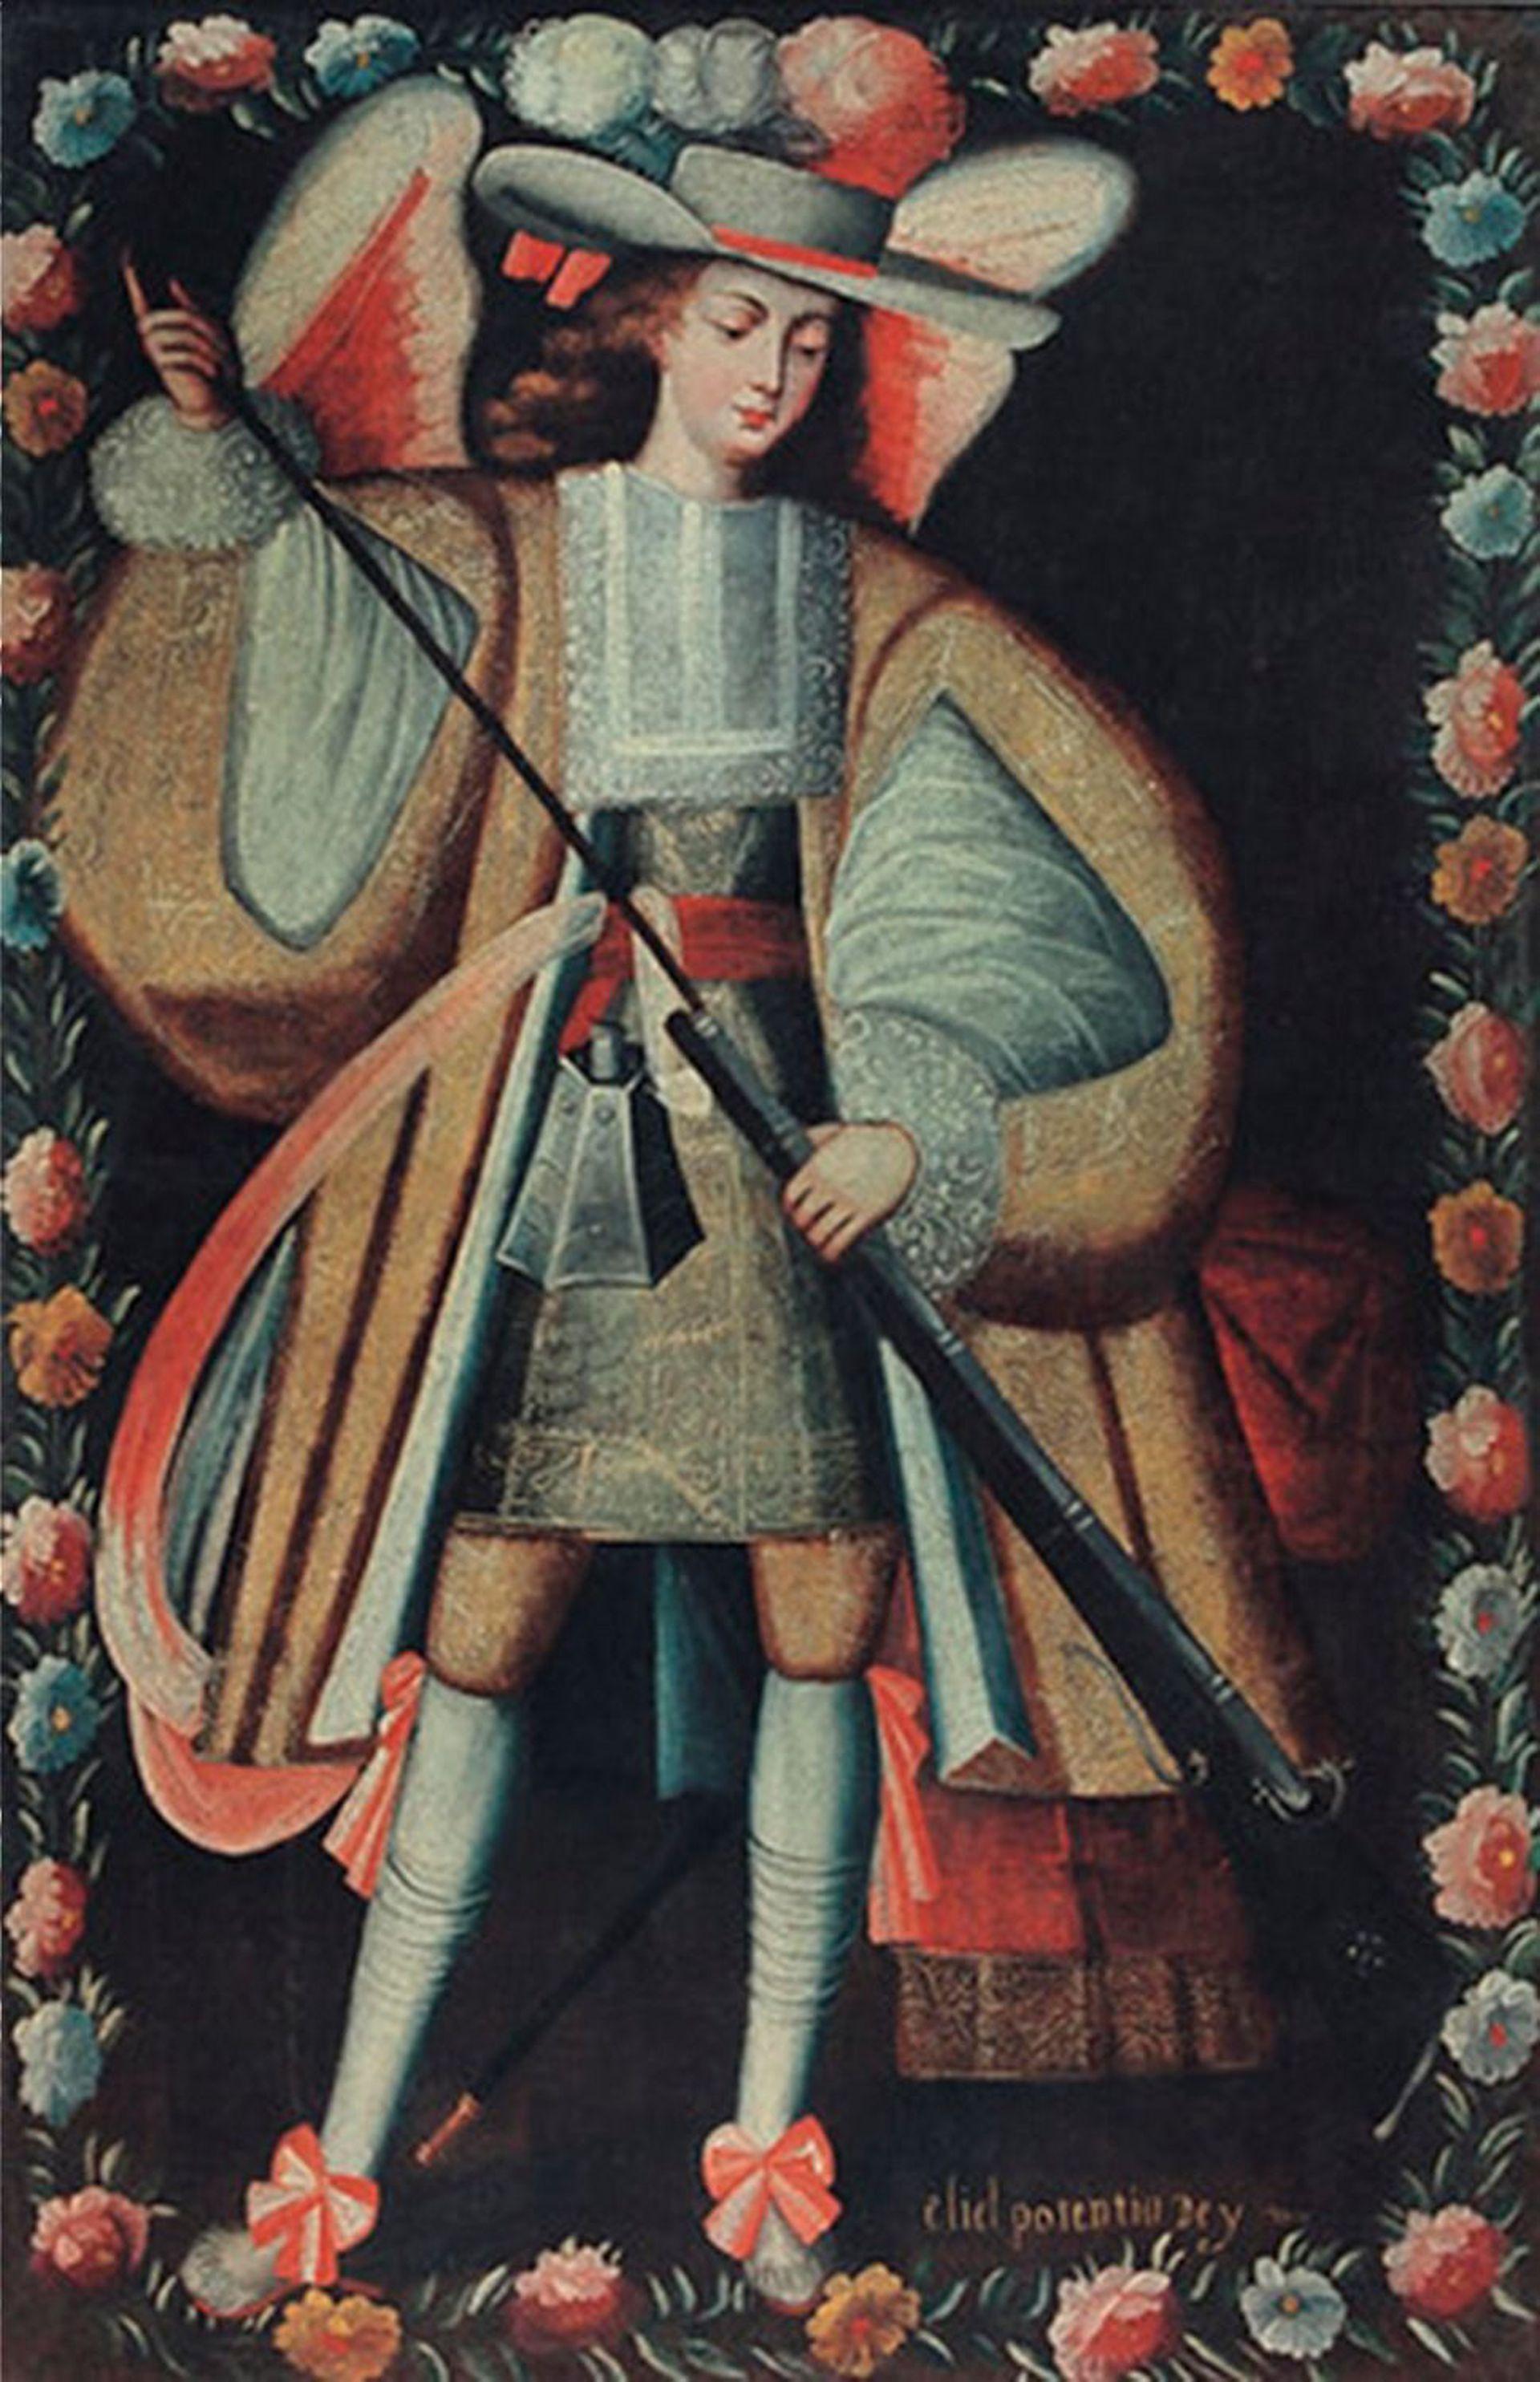 Uno de los nueve ángeles arcabuceros de la iglesia de Uquía cargando su arma.